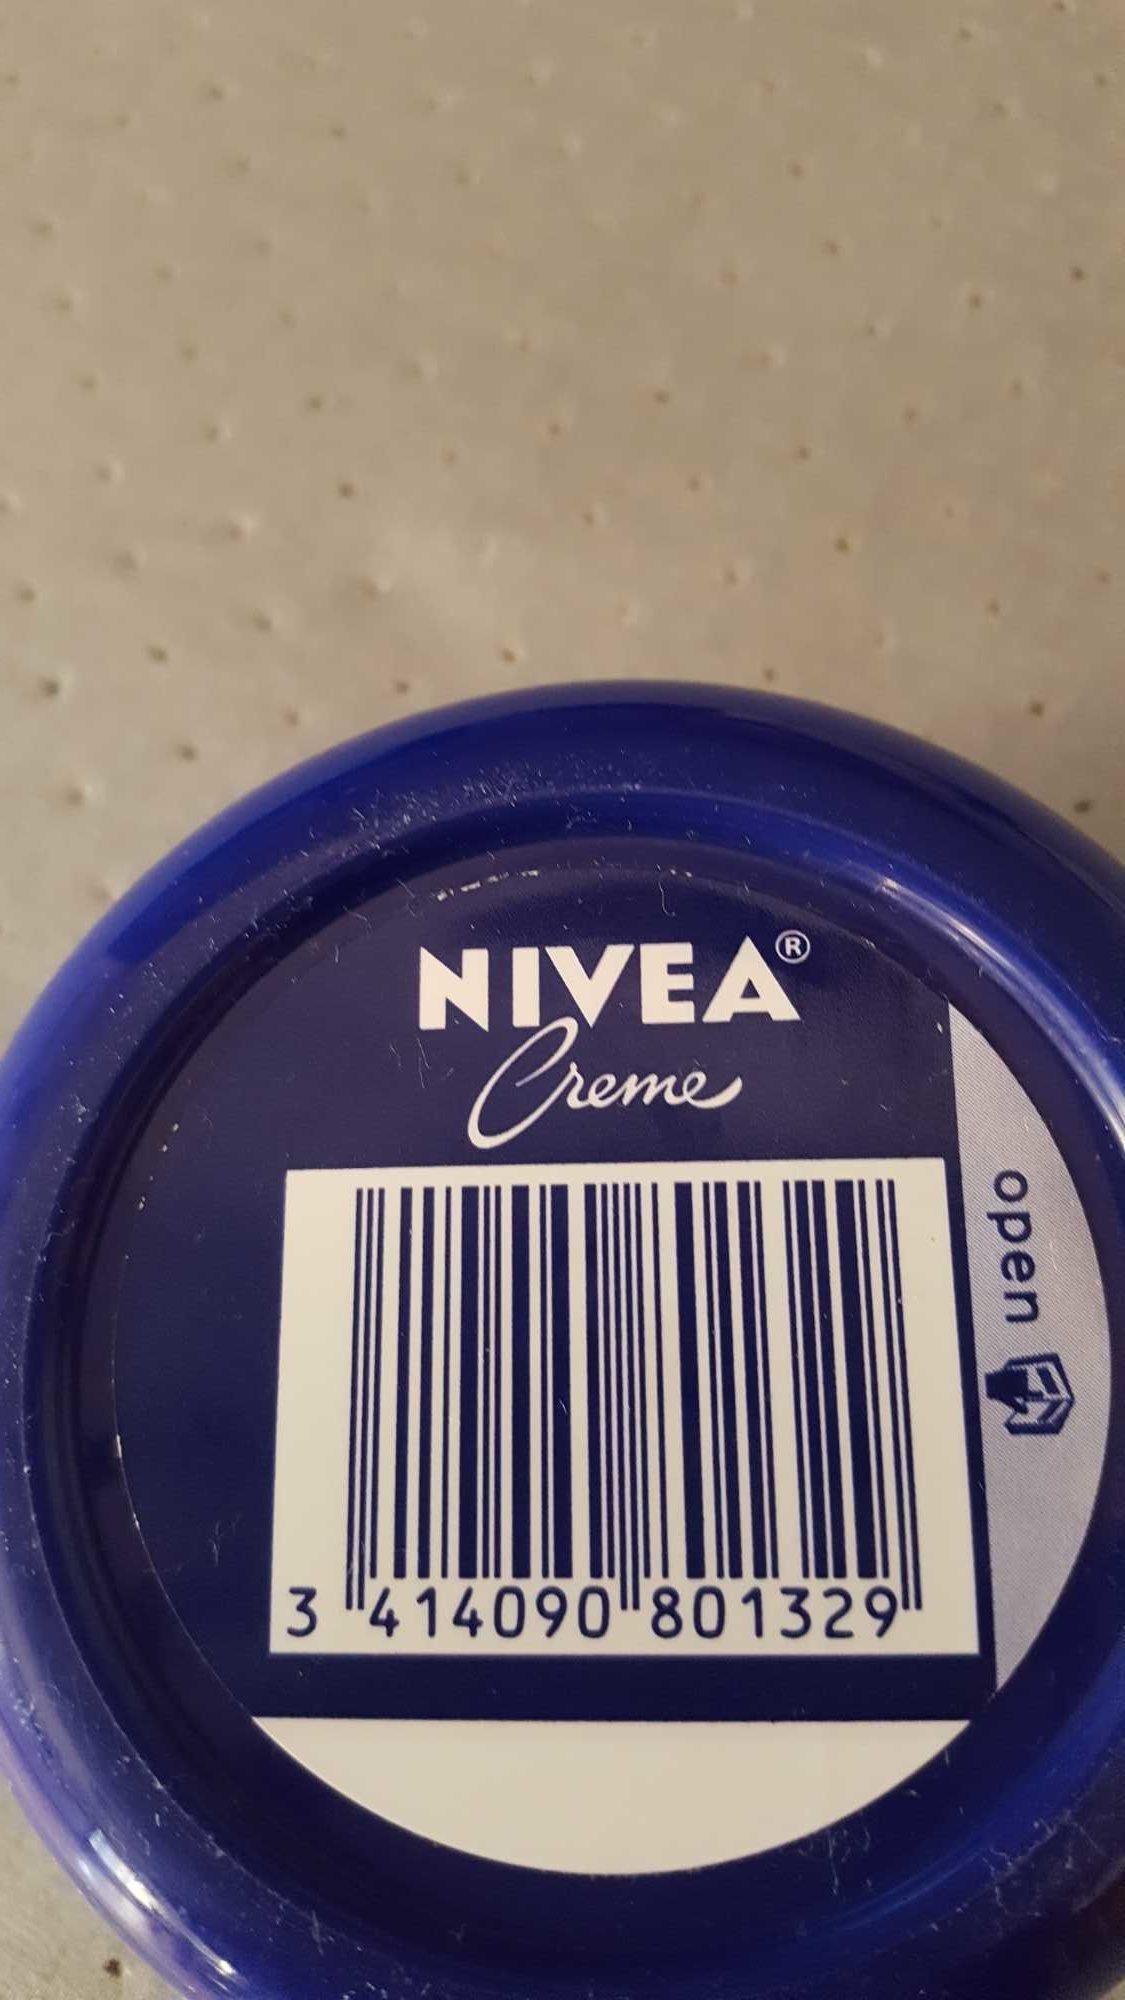 Crème nivea - Product - fr